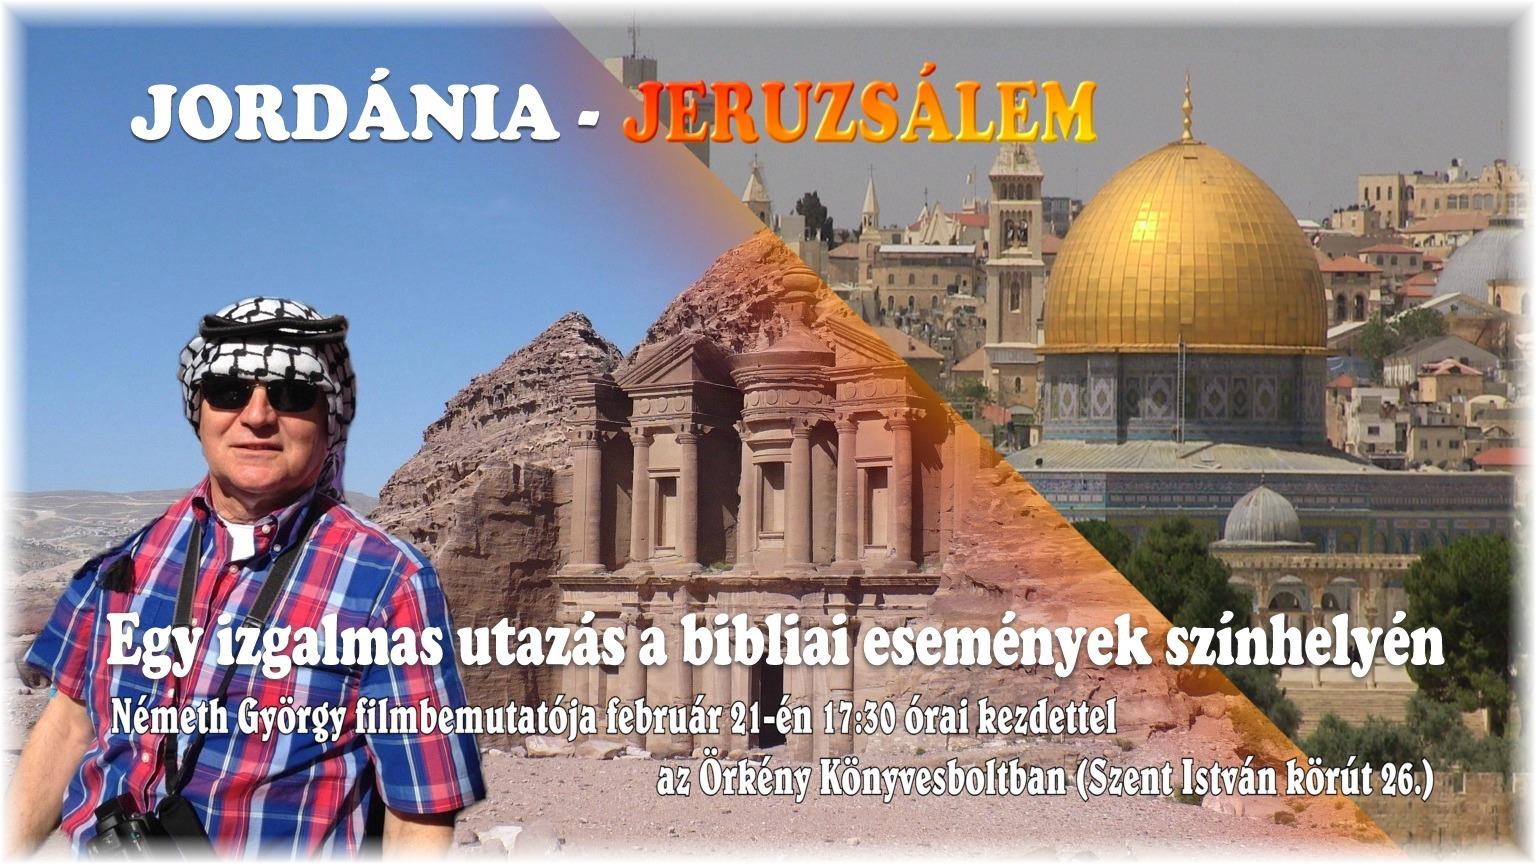 Magyar utazók